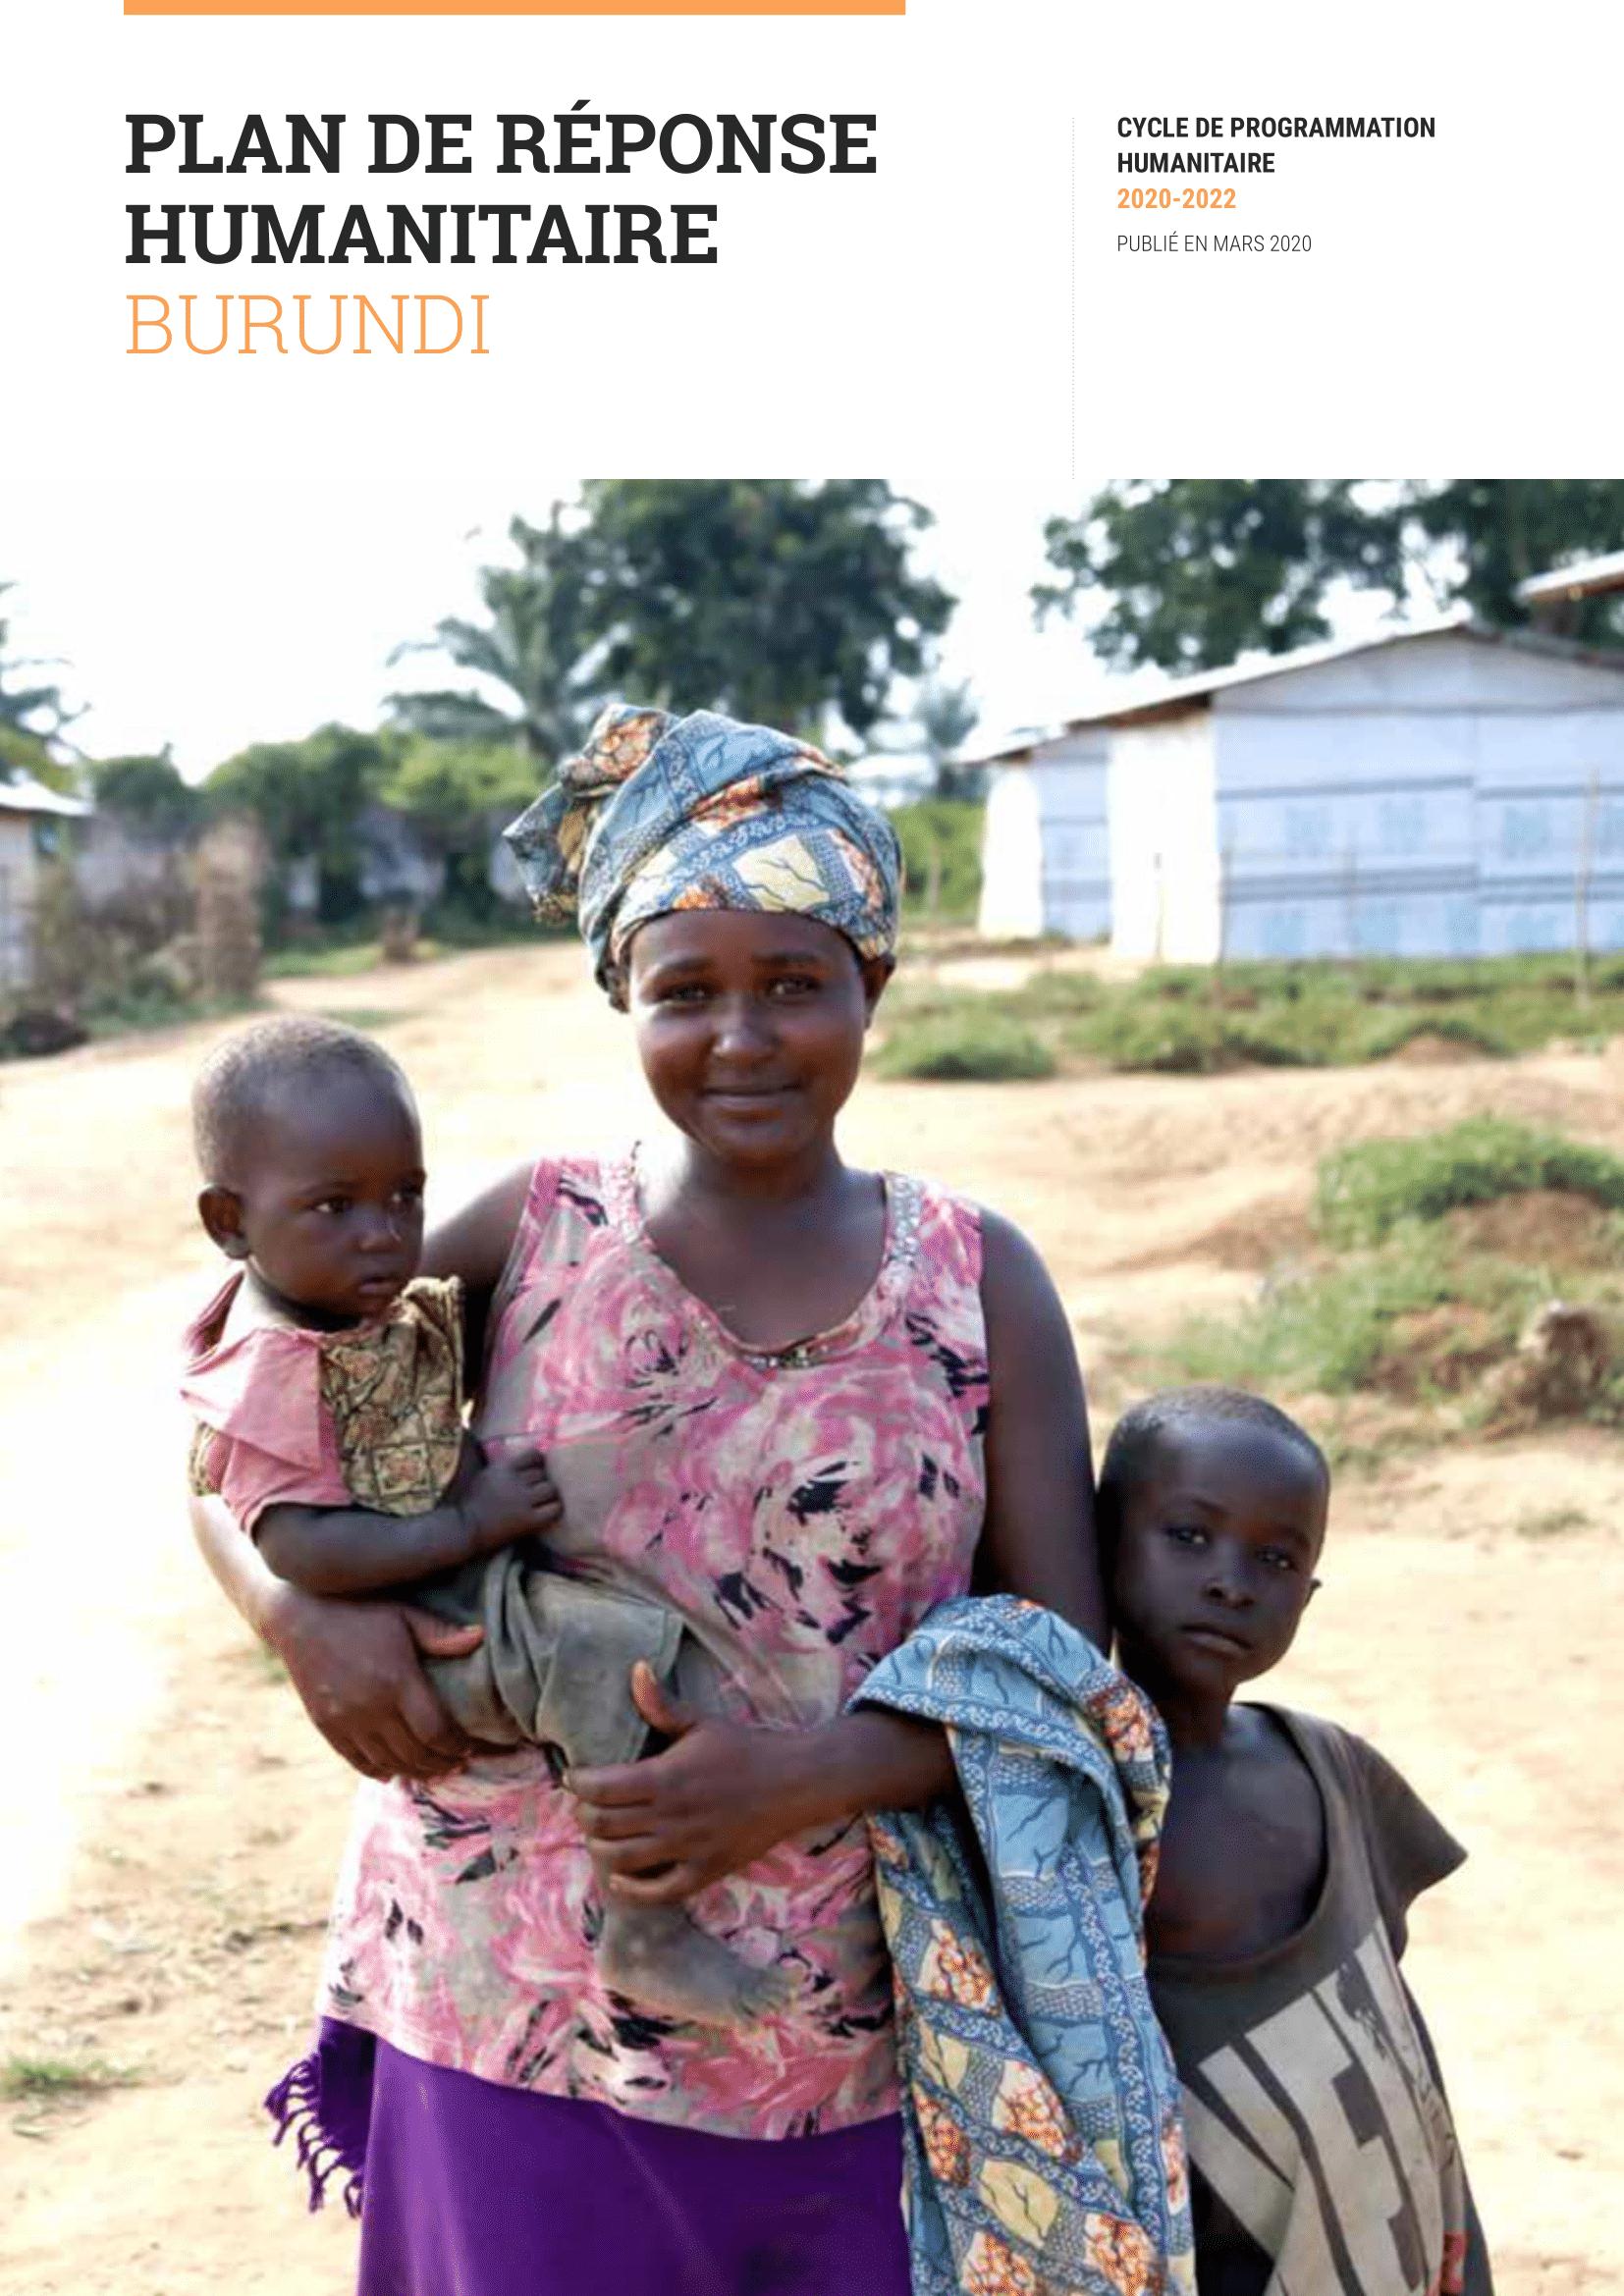 Plan de réponse humanitaire 2020 (mars 2020)